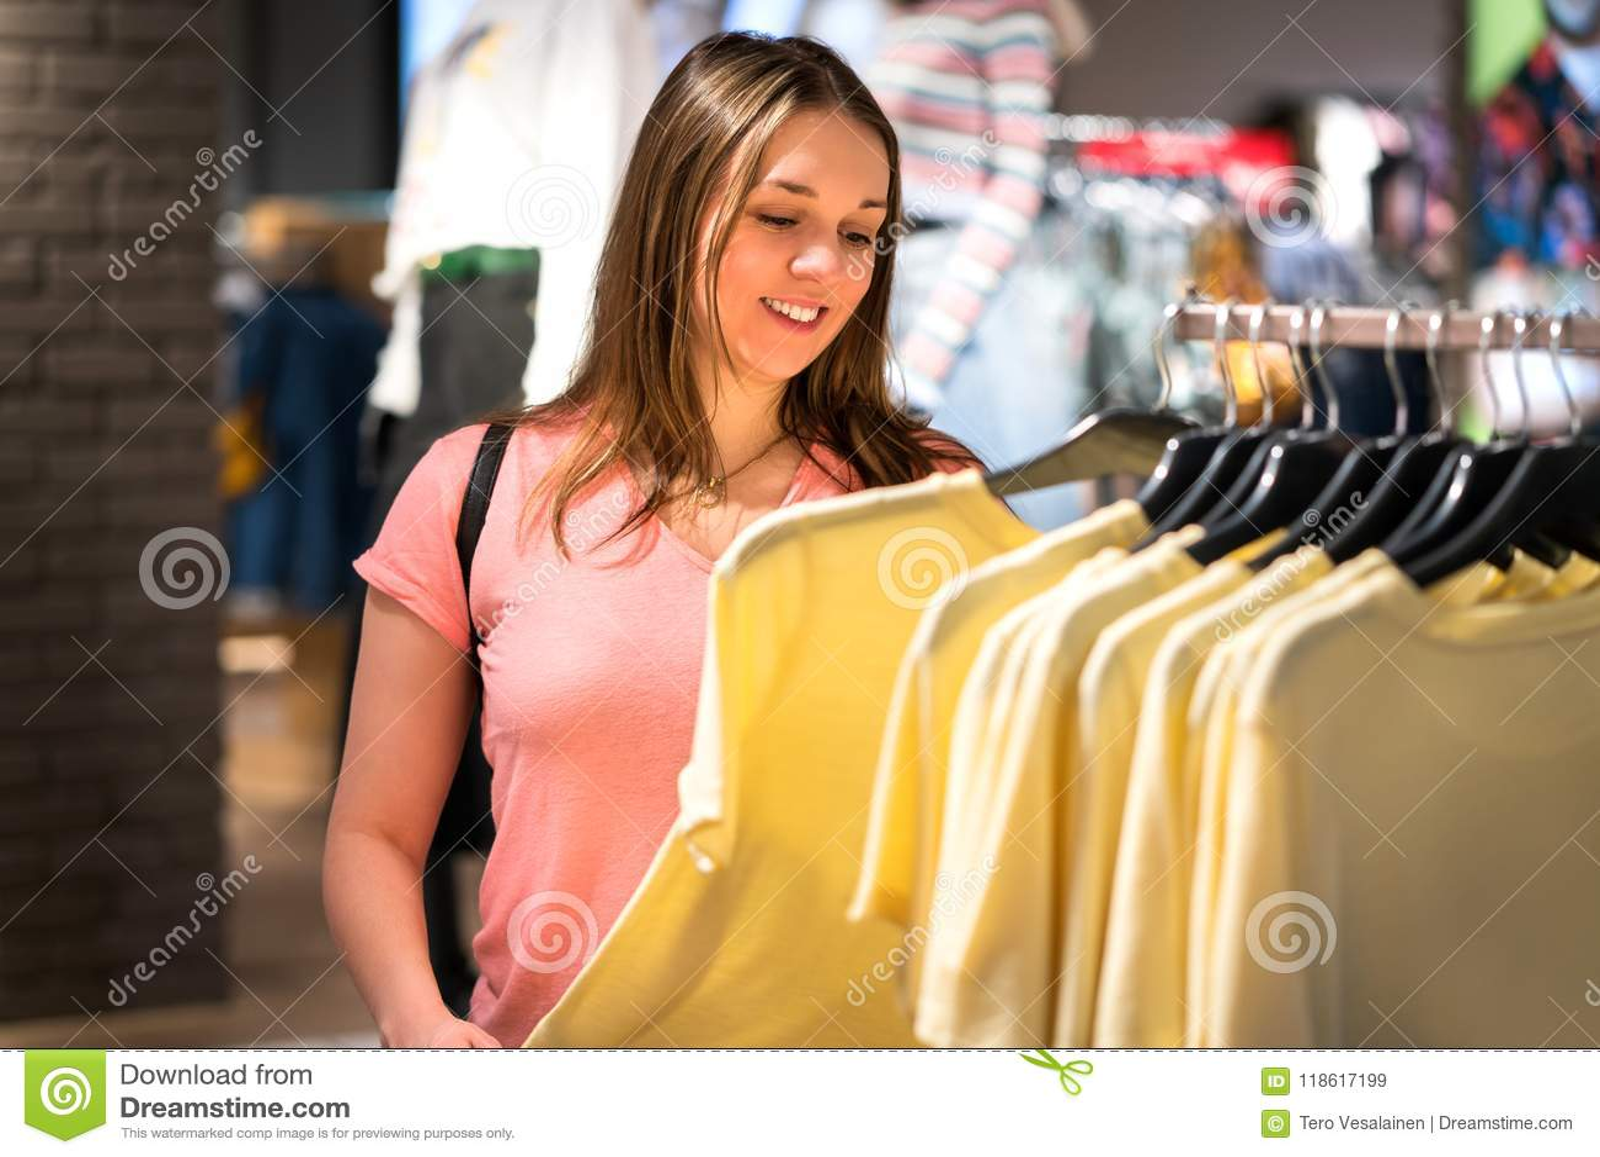 Compras de la mujer en tienda de la moda durante venta y liquidación